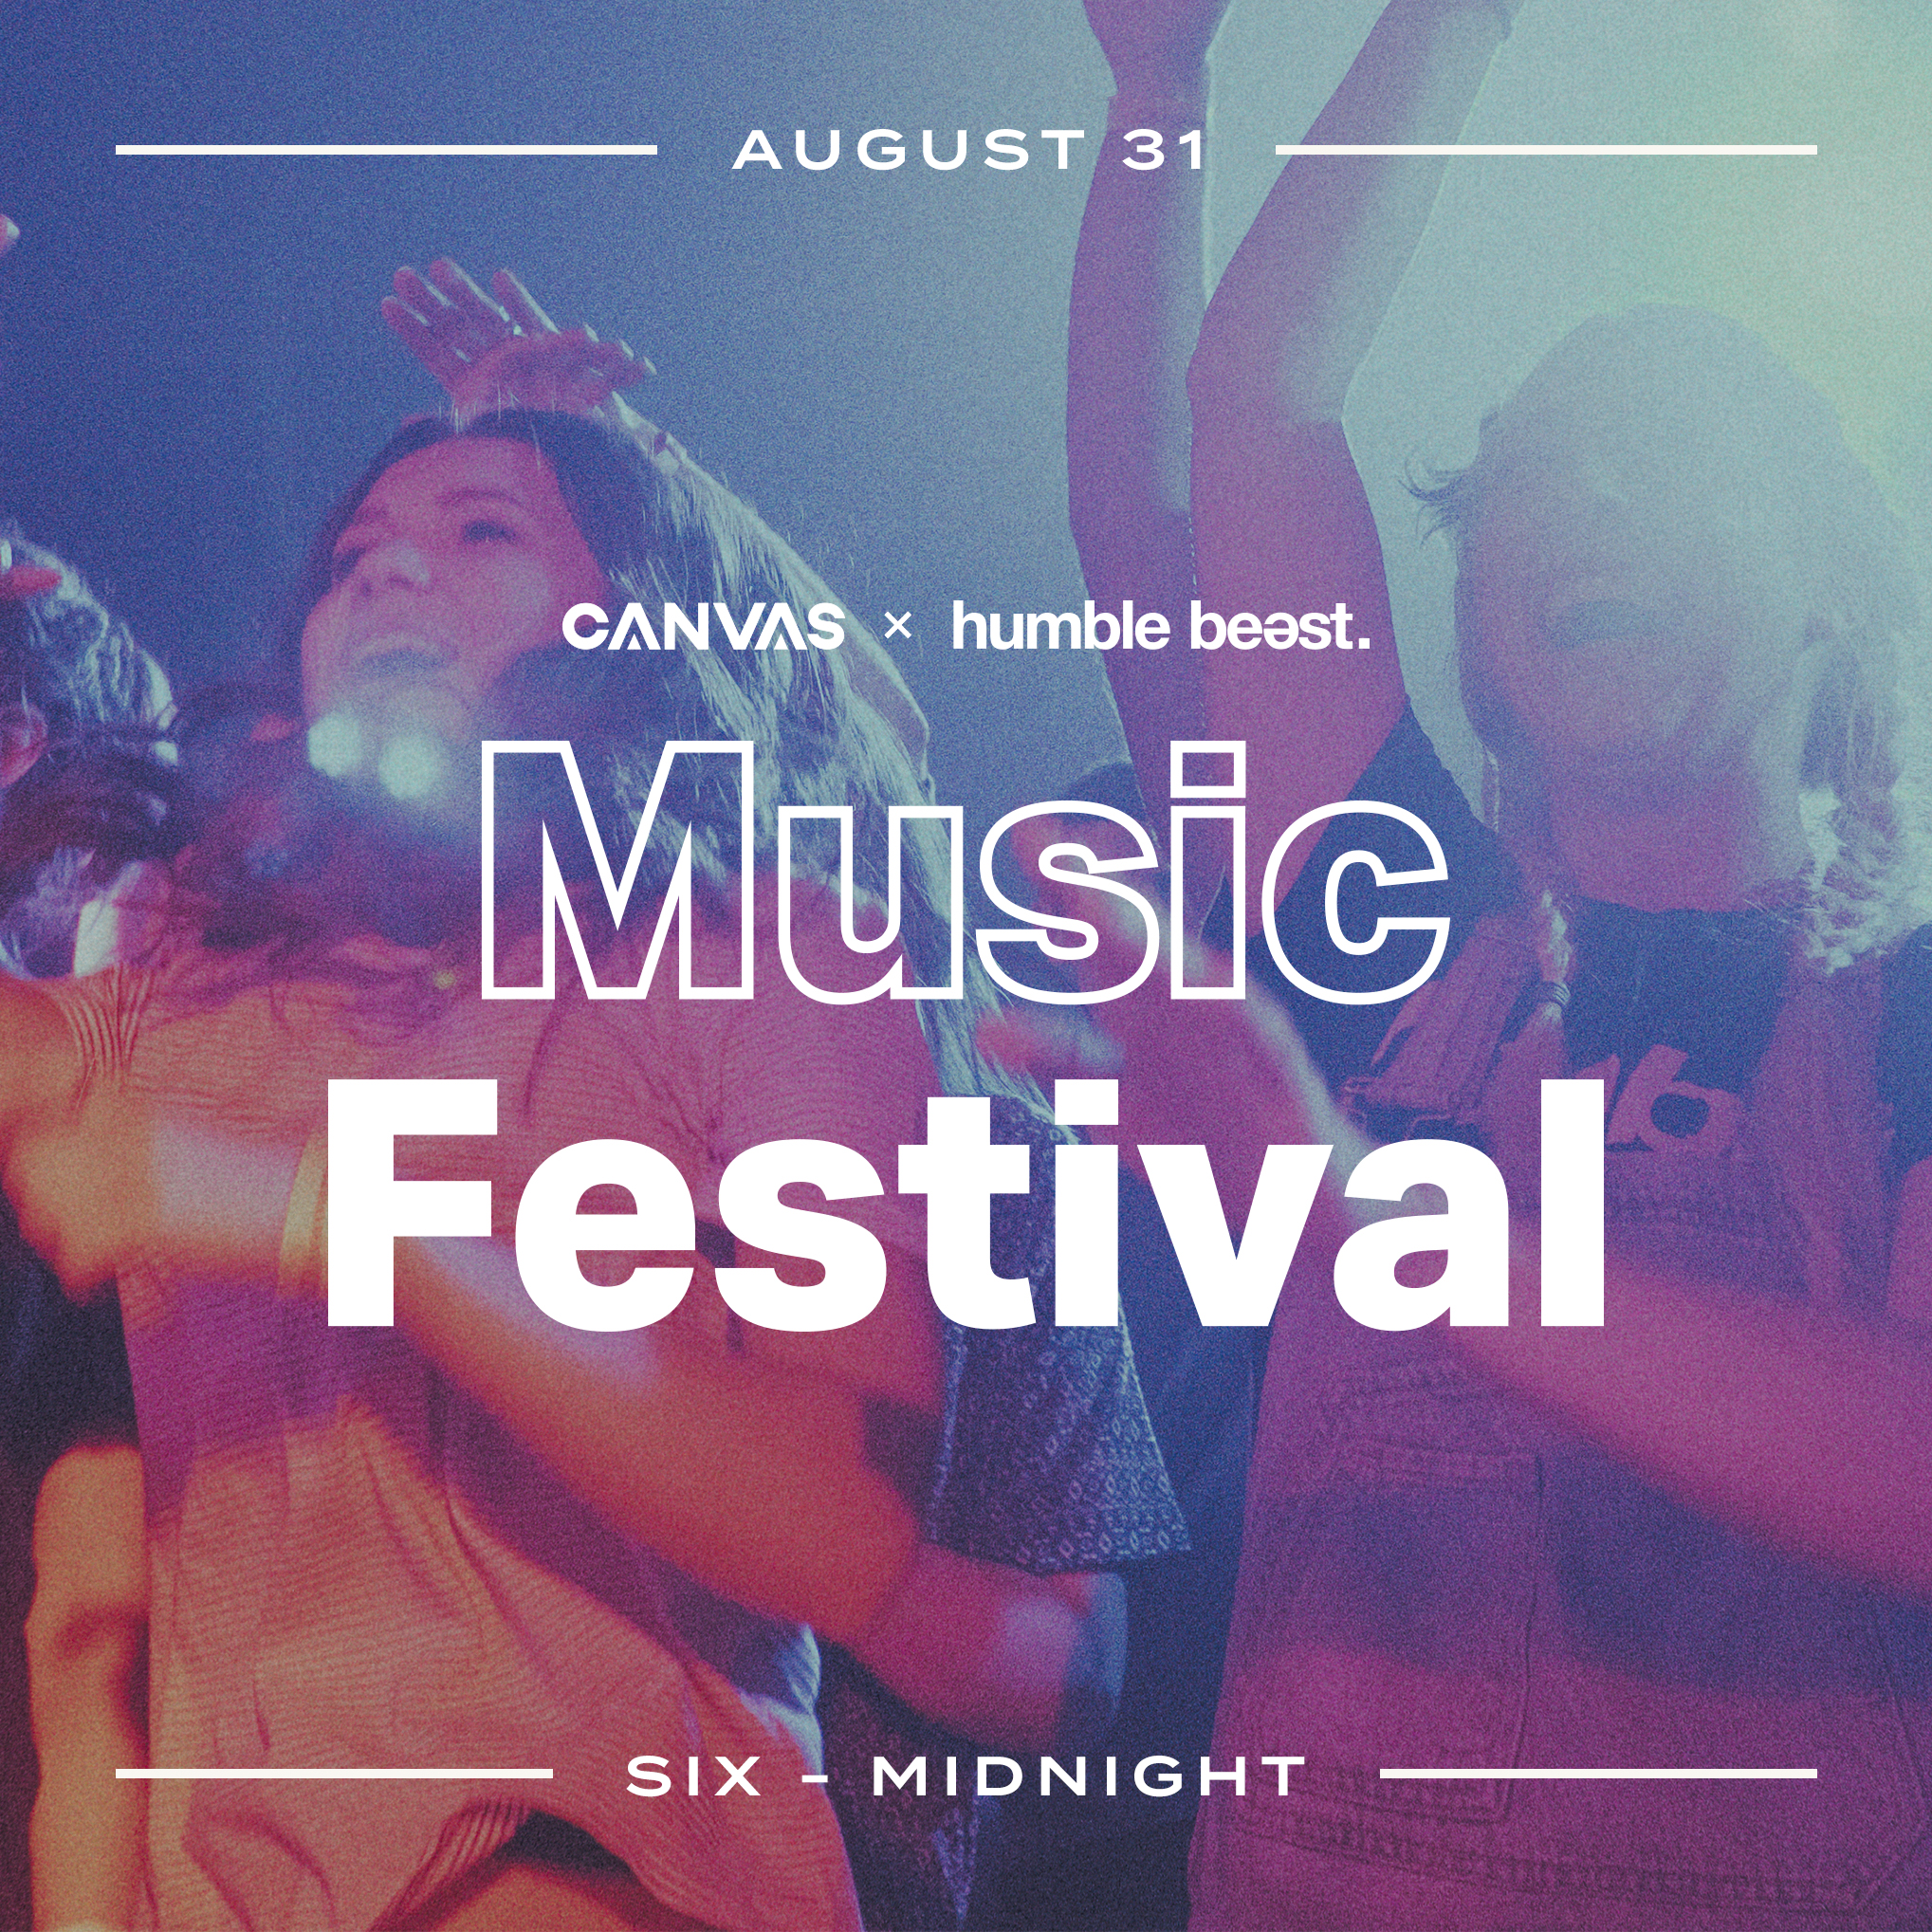 Square_Music-Festival.jpg